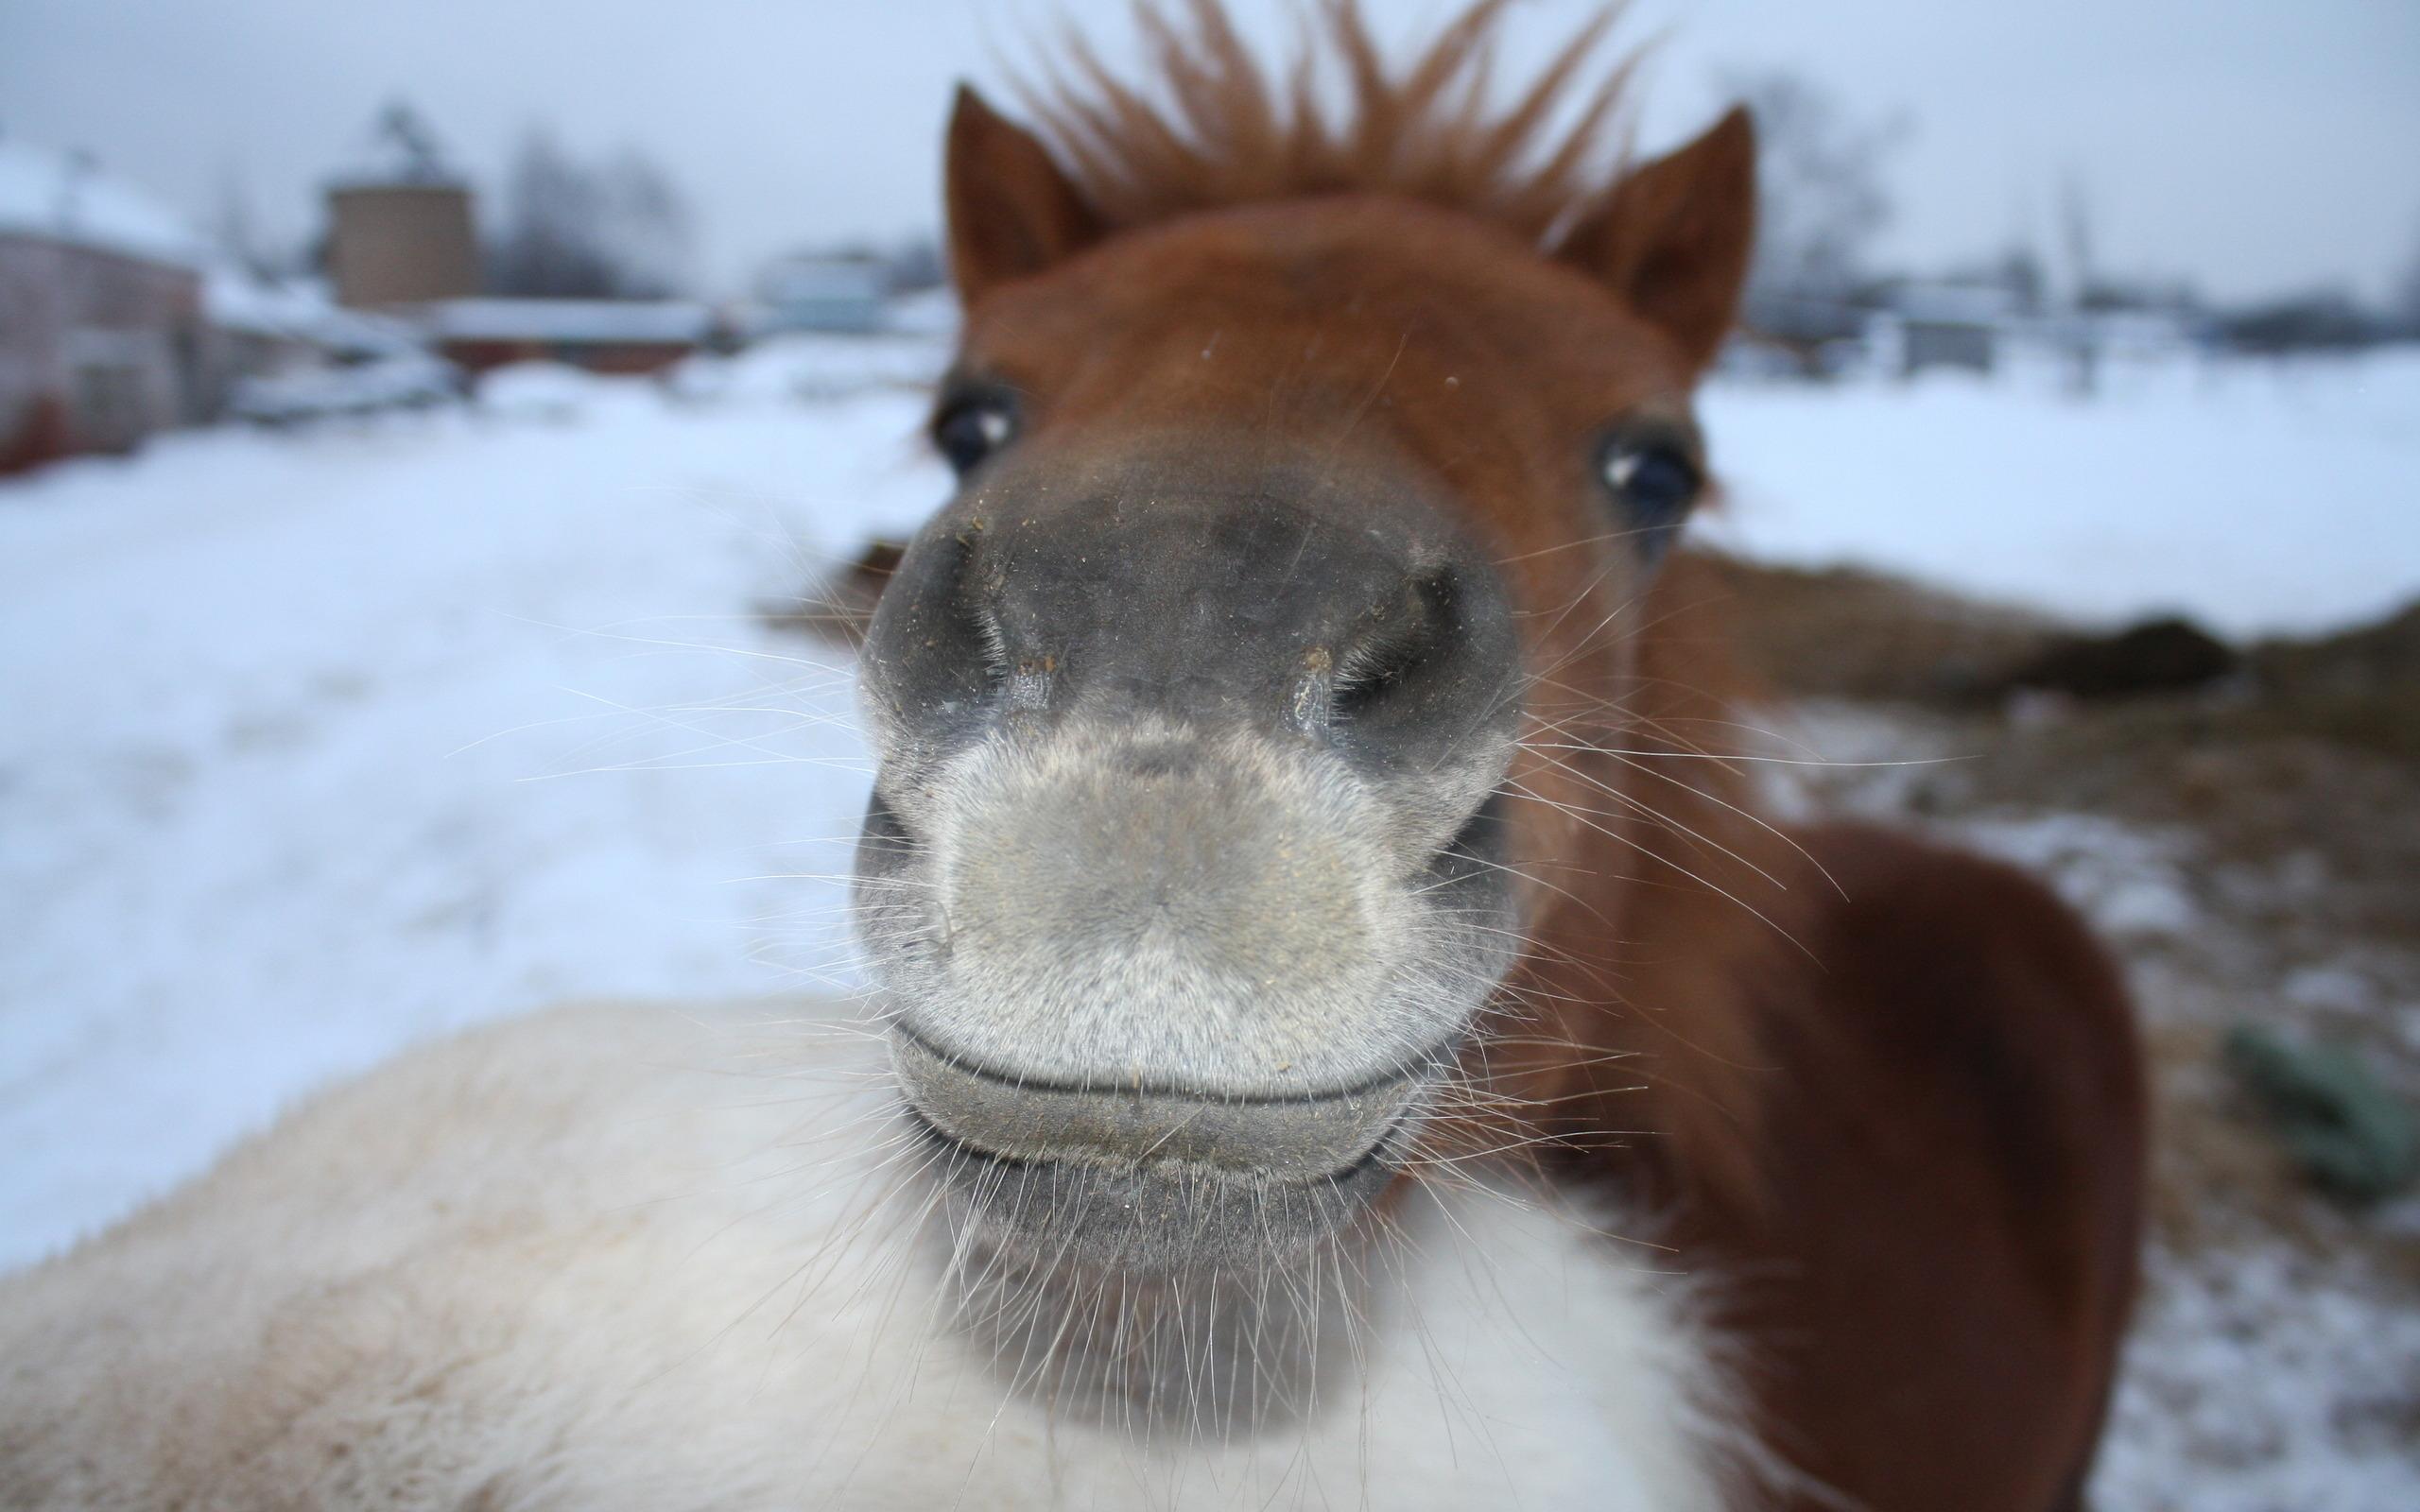 Cute Brown Horse Wallpaper 32536 2560x1600 Px